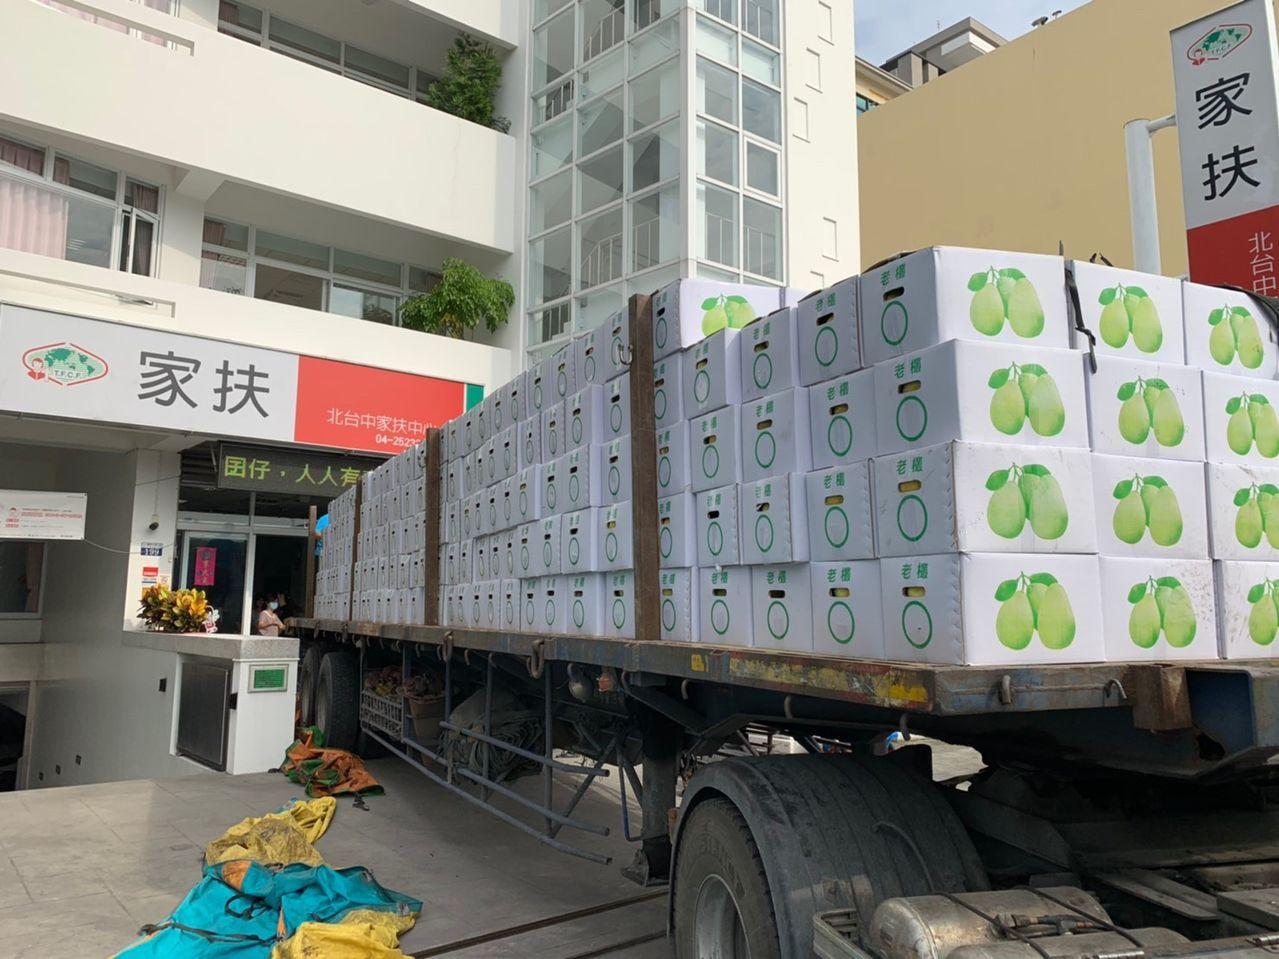 一名不願具名的花蓮善心人士,昨天捐贈800箱柚子給北台中家扶中心。圖/北台中家扶...